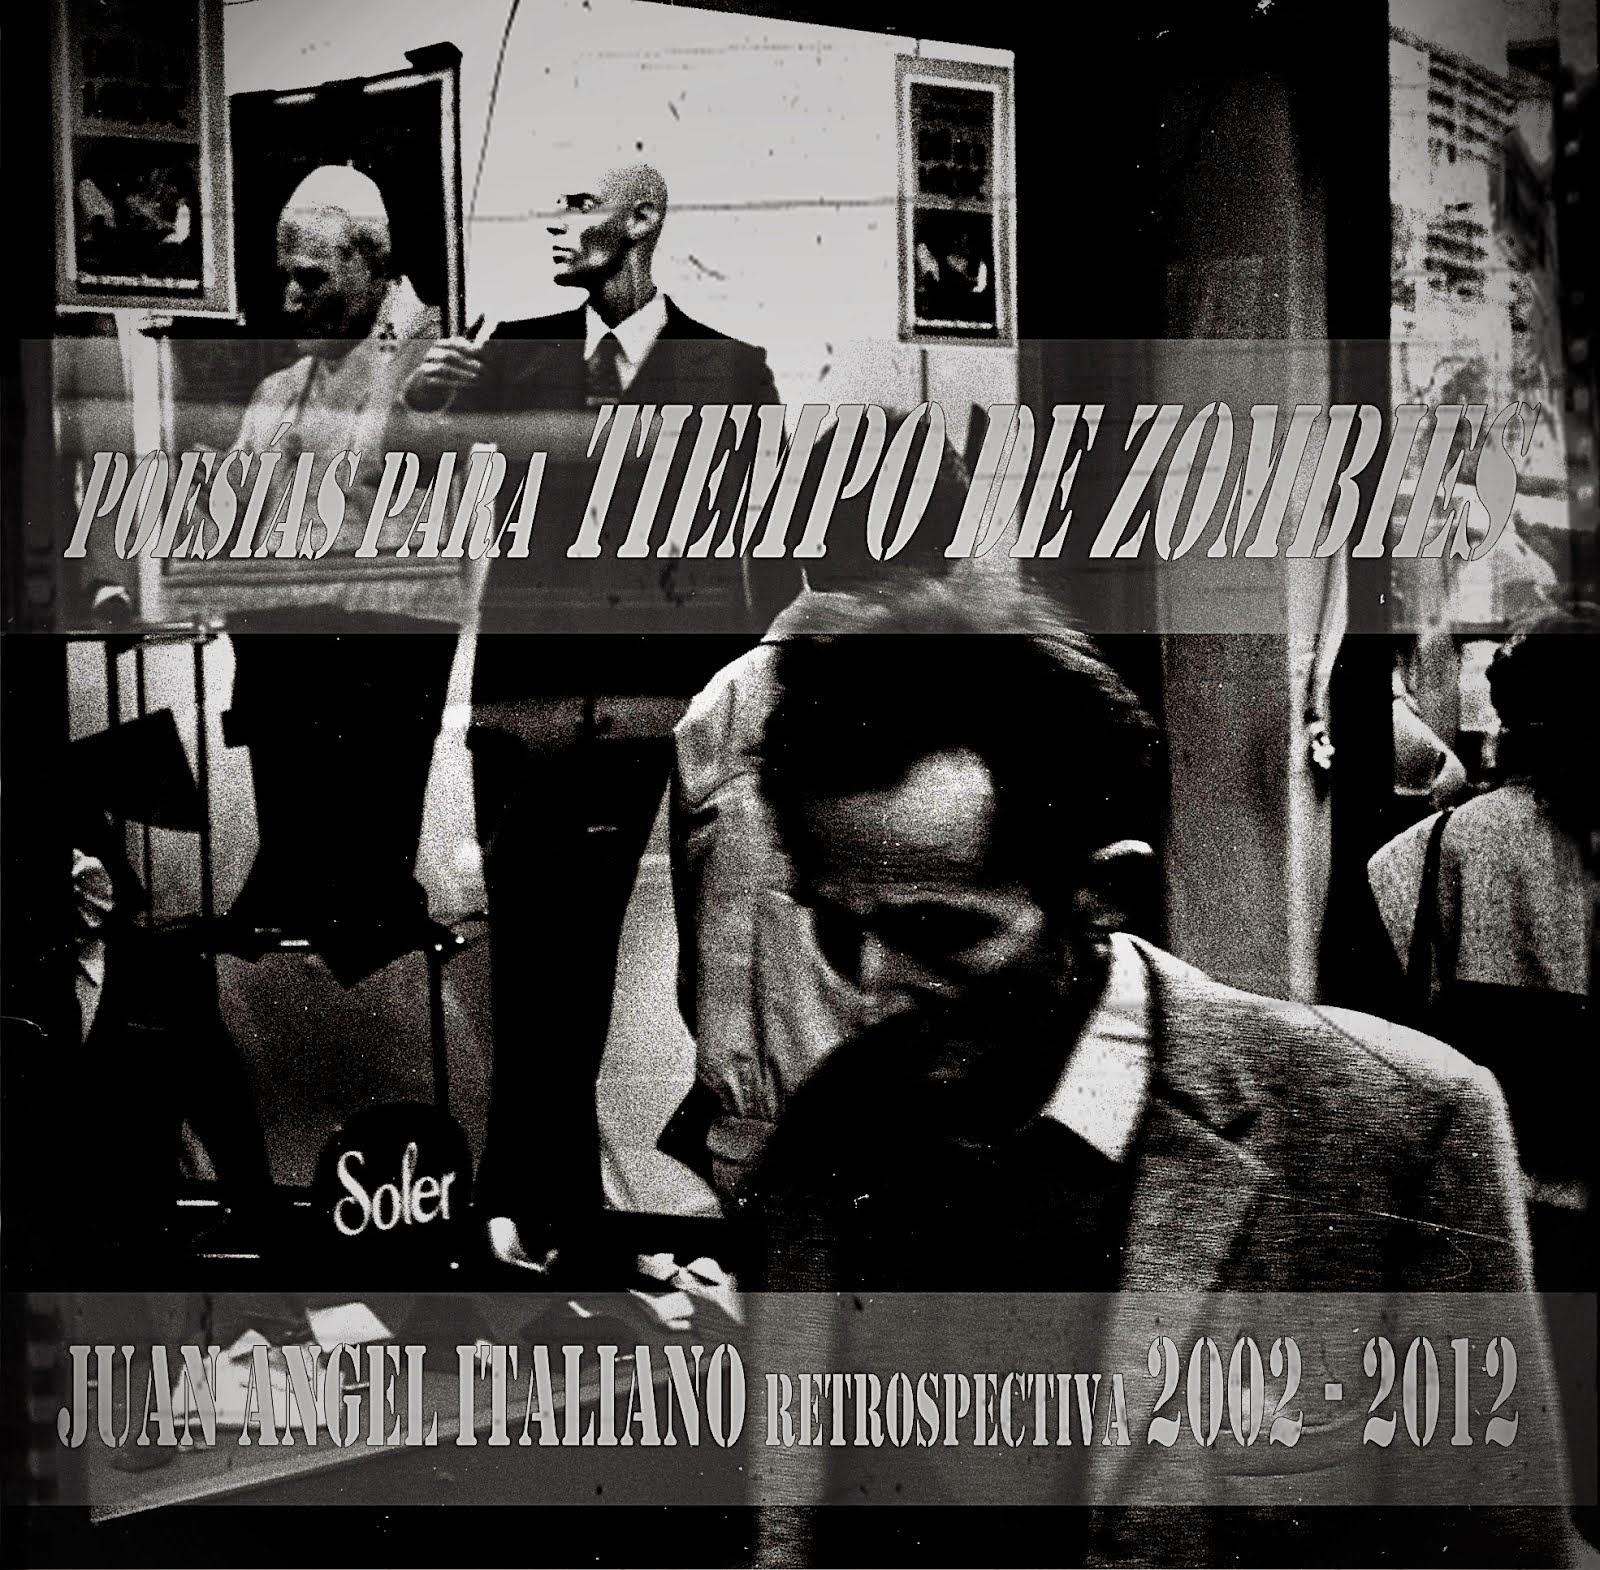 2012 - Poesías para tiempo de zombies